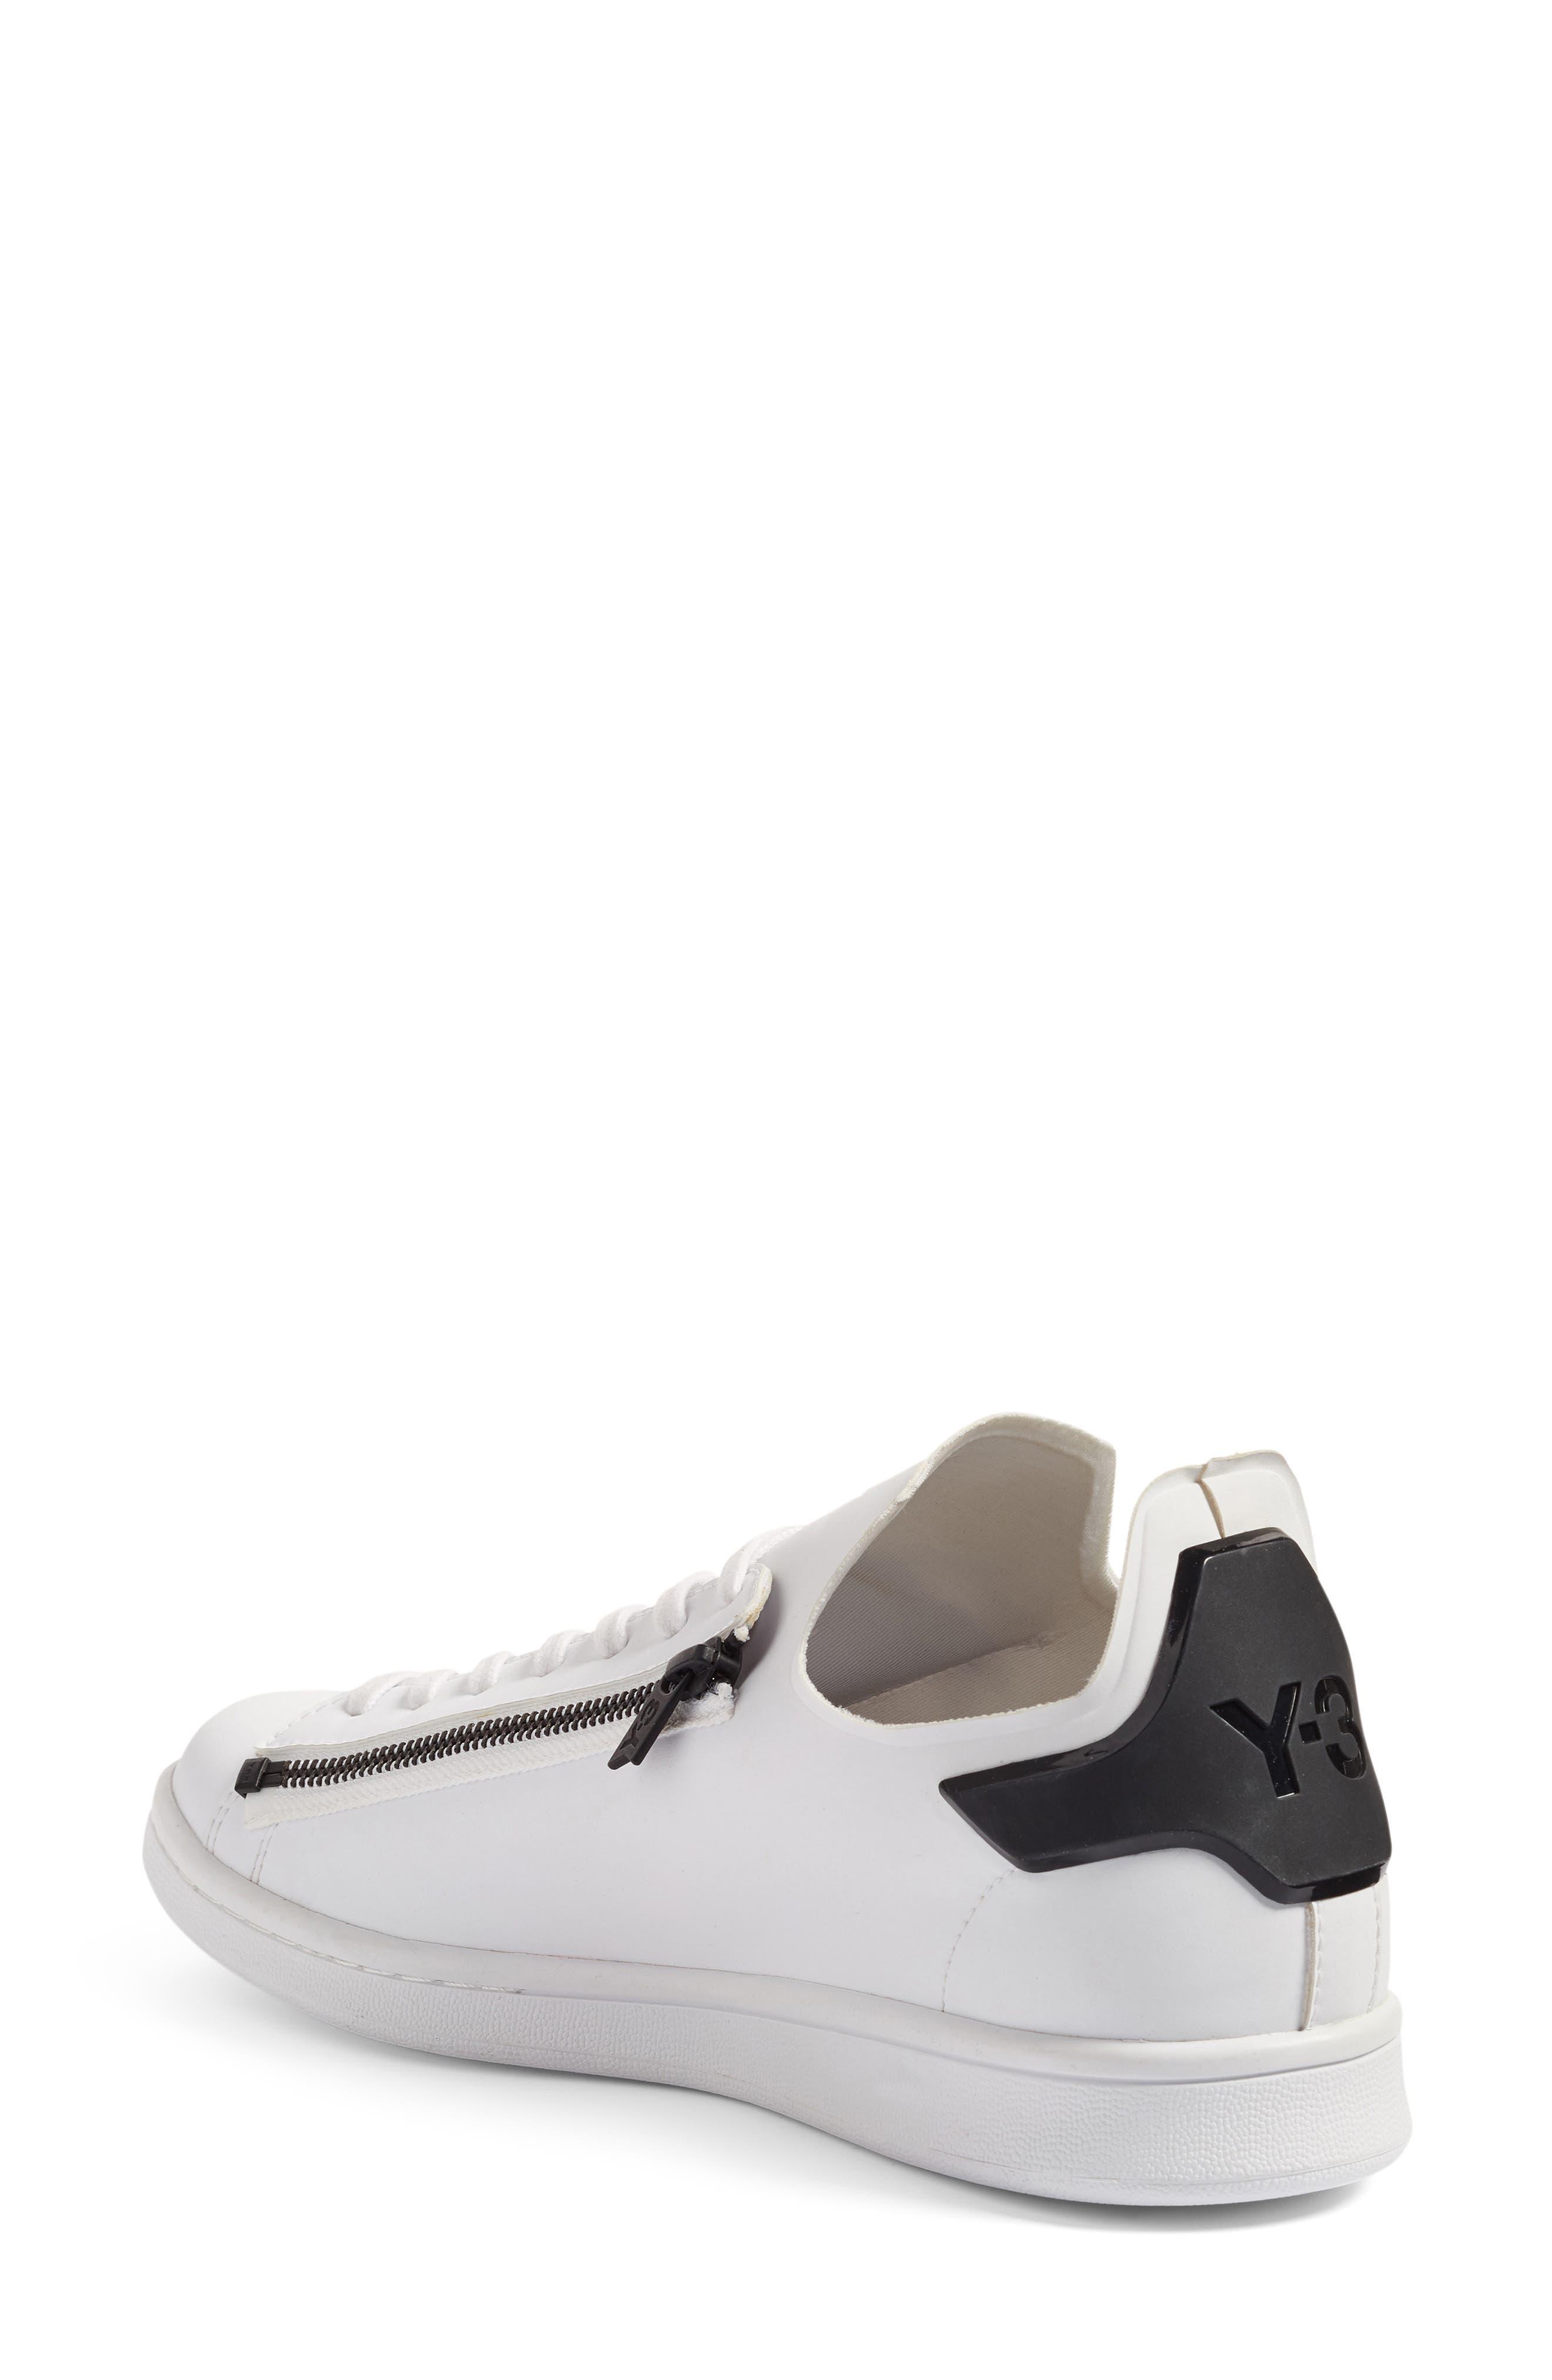 Stan Low Top Sneaker,                             Alternate thumbnail 4, color,